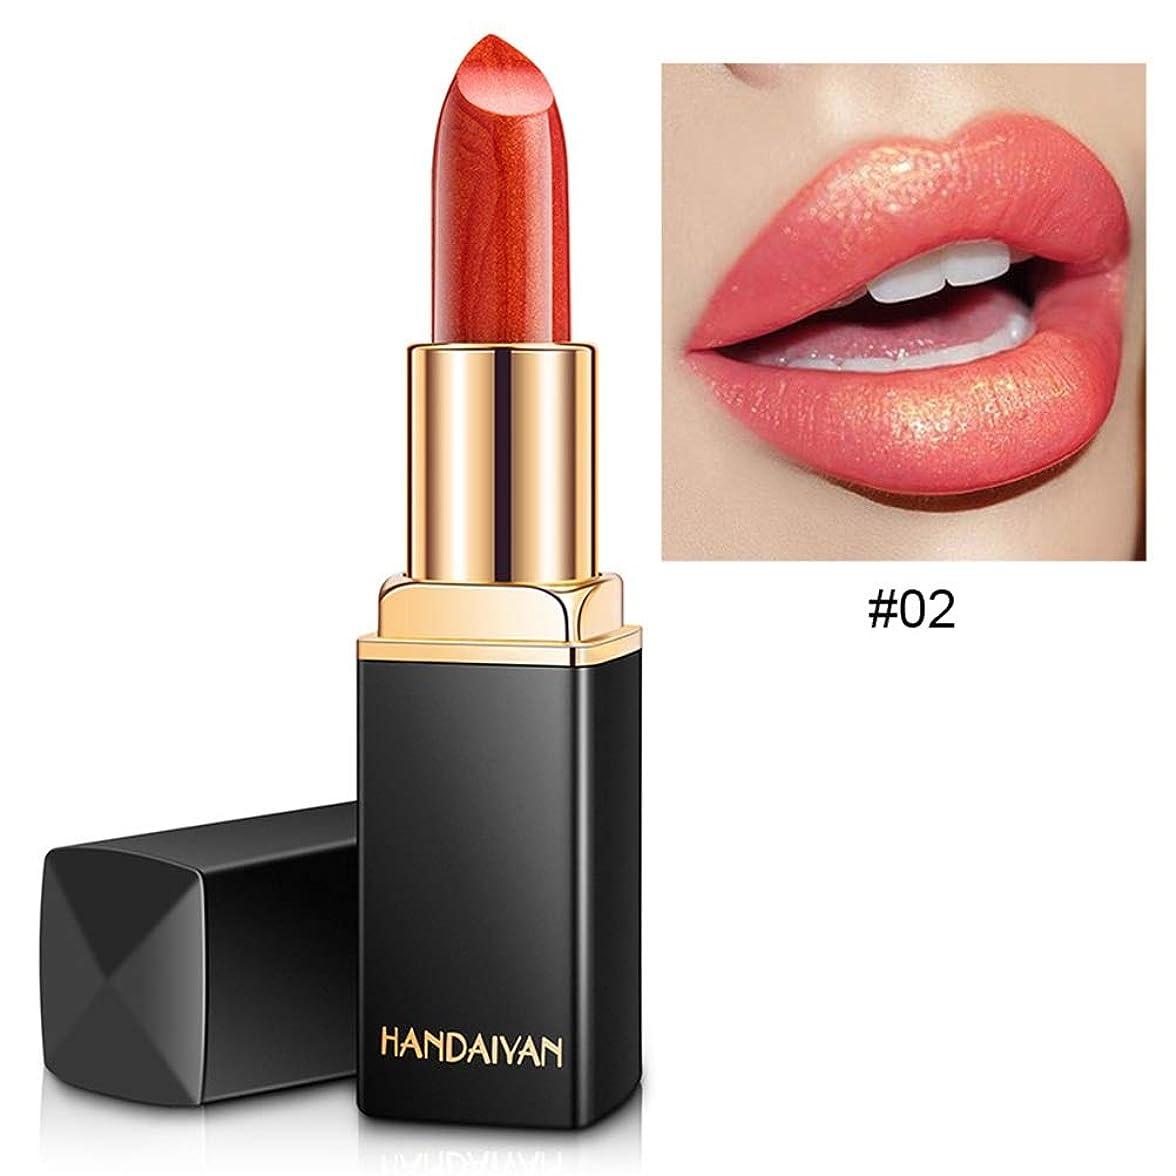 実り多いそれによって有効Supbel 口紅 リップスティック ルージュ リップグロス 優れる発色 キラキラ 光沢 自然なツヤ 長持ち 防水 落ちにくい携帯便利 自然立体 クチュール 化粧品 人気 おしゃれ ギフト 贈り物 唇用